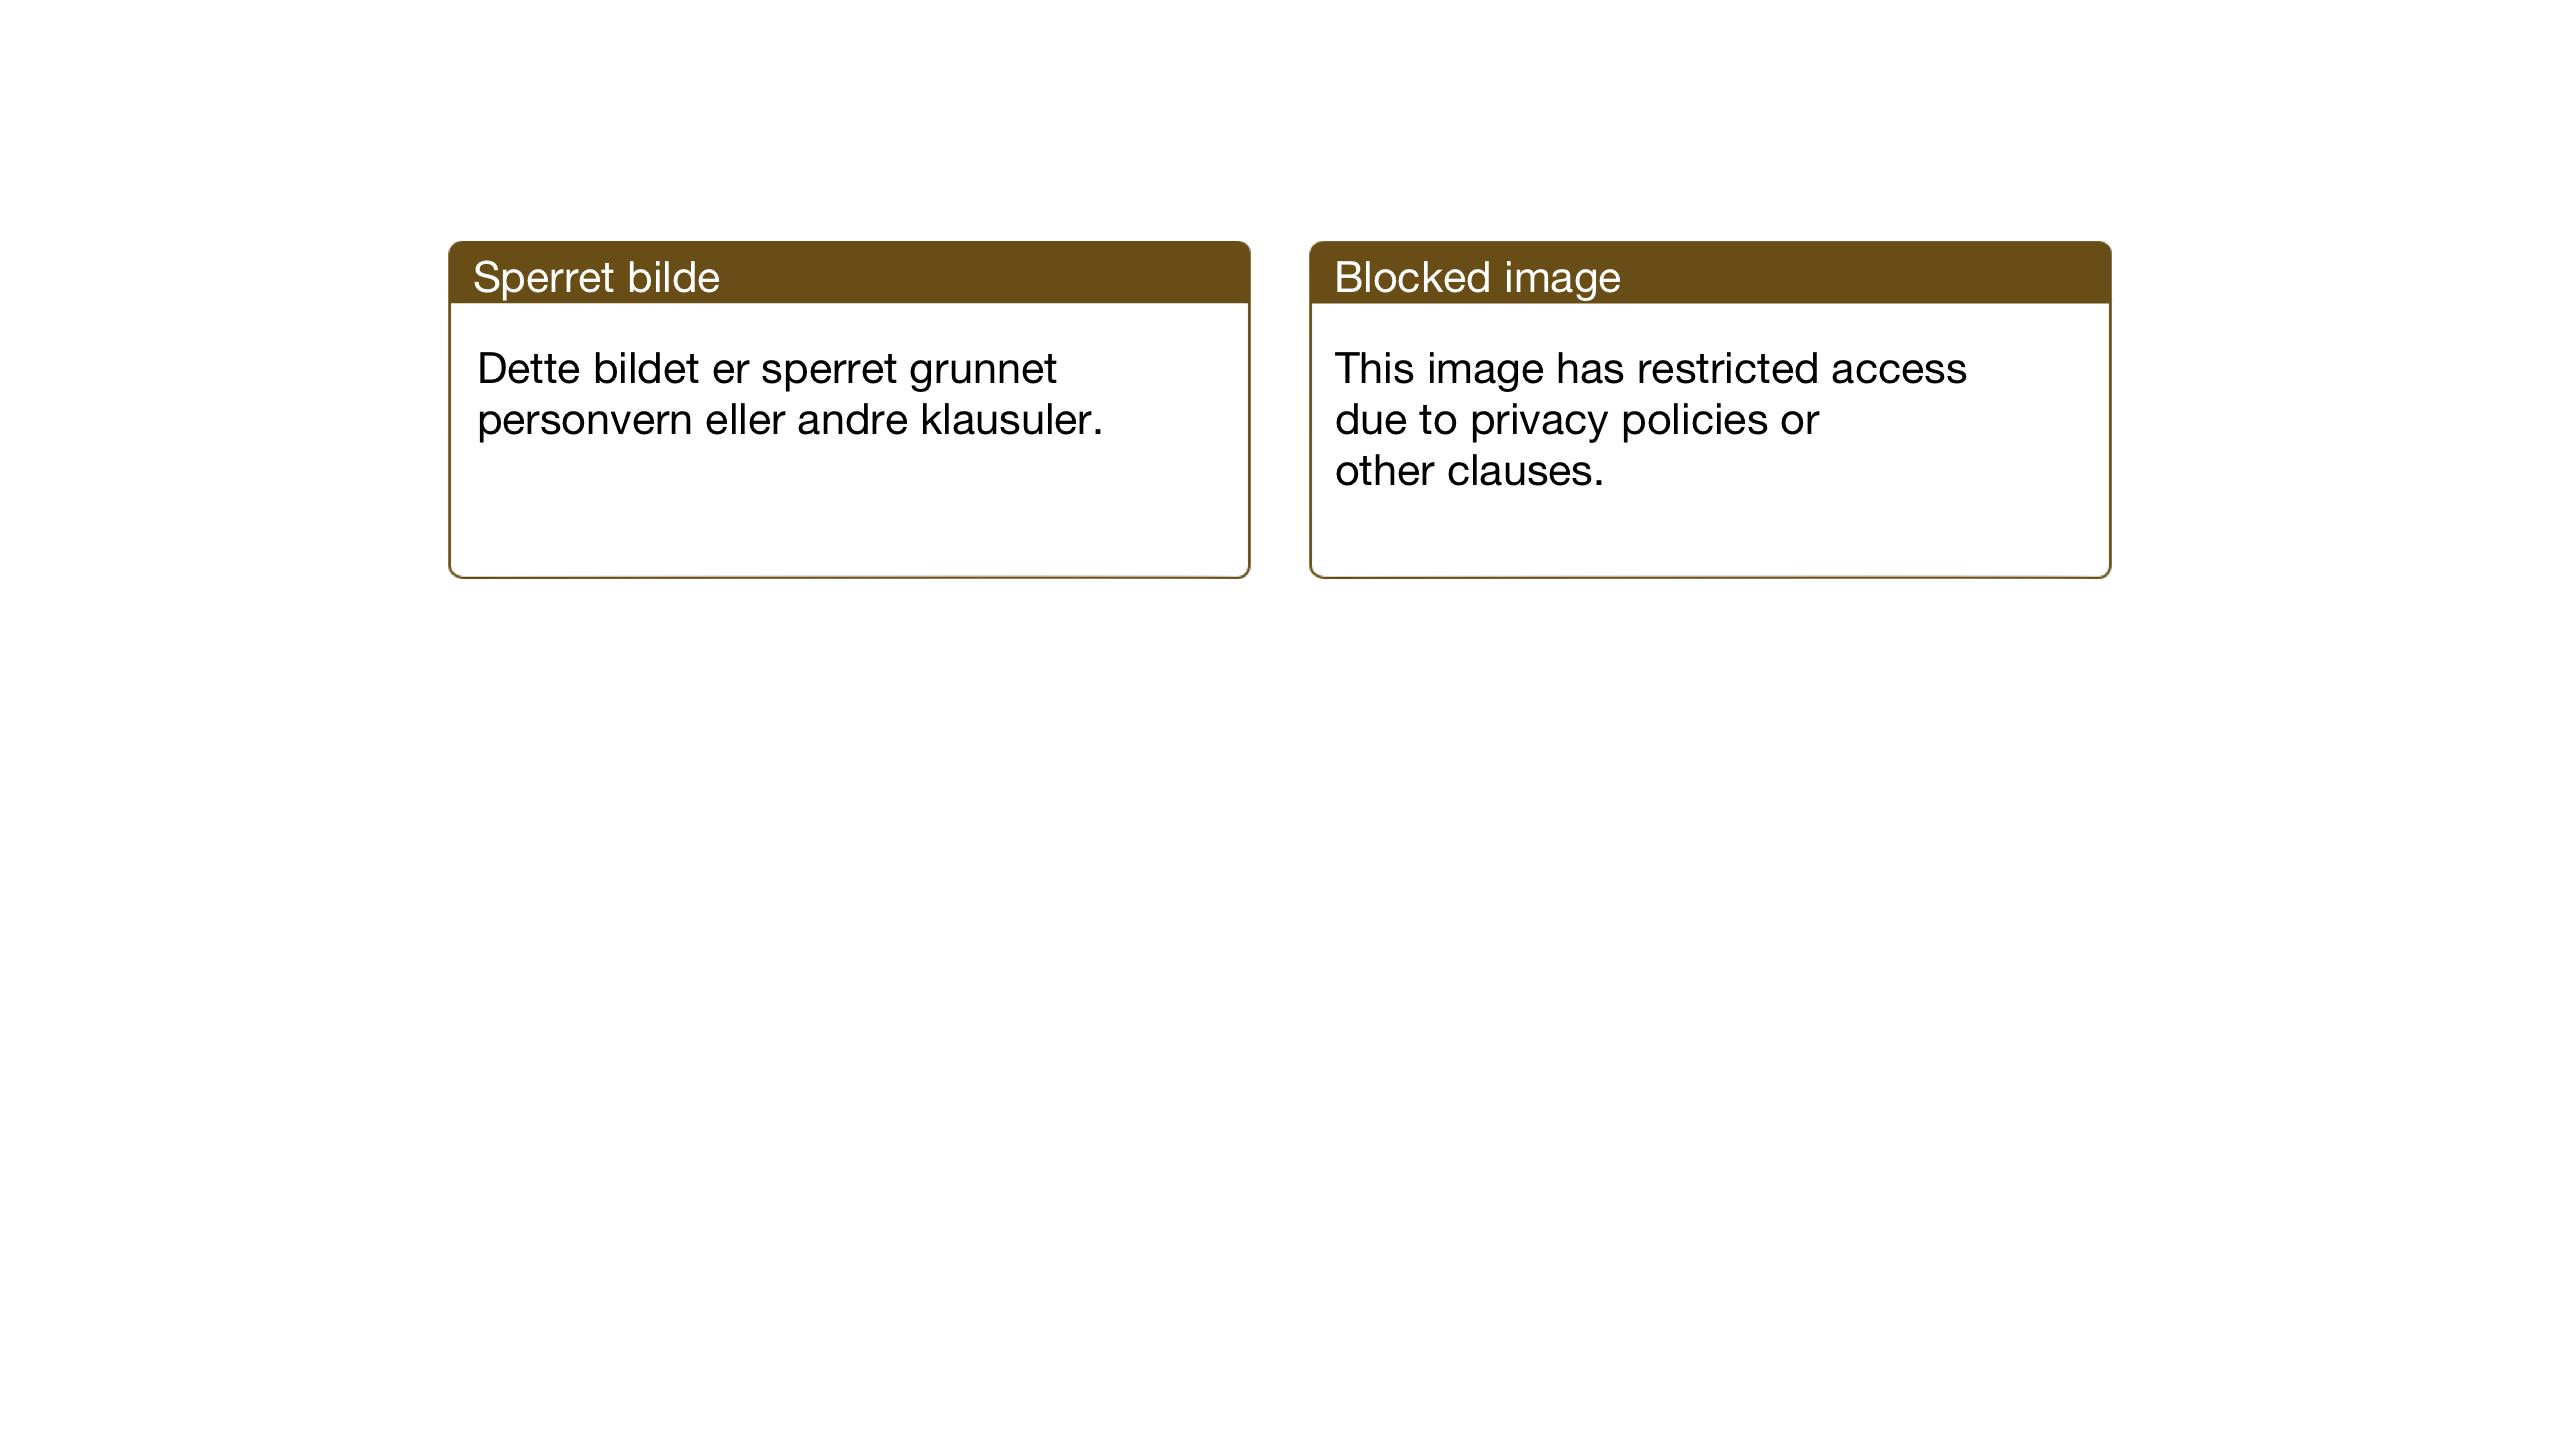 SAT, Ministerialprotokoller, klokkerbøker og fødselsregistre - Nord-Trøndelag, 719/L0180: Klokkerbok nr. 719C01, 1878-1940, s. 45